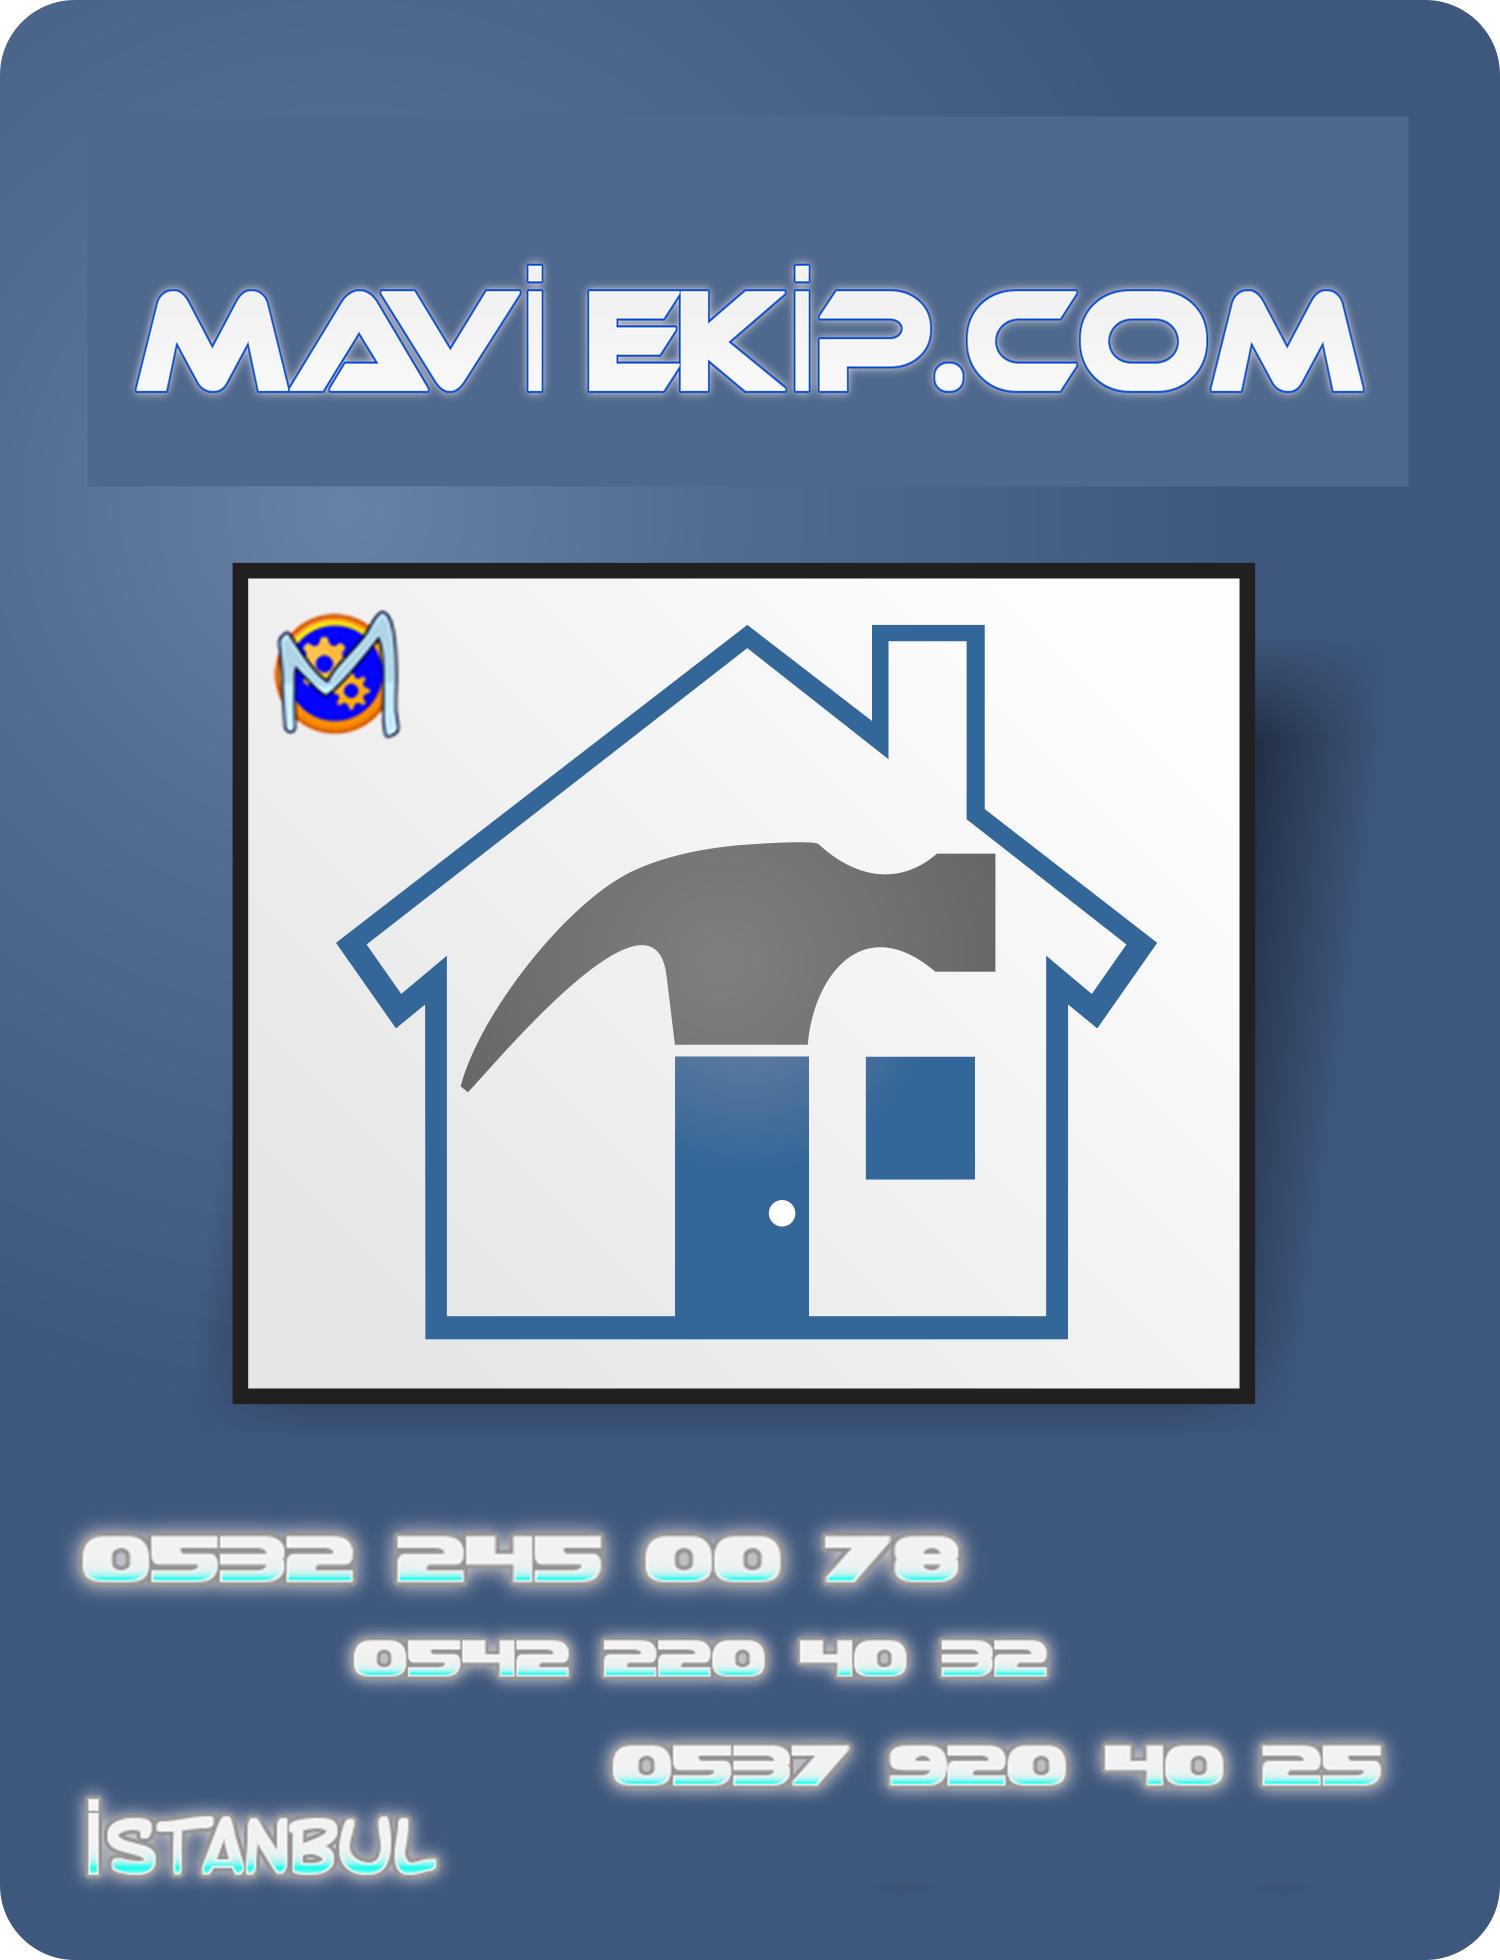 Mavi Cam, 0532 245 00 78, camcı,cam,ayna,Dükkan camı, İstanbul Cam,